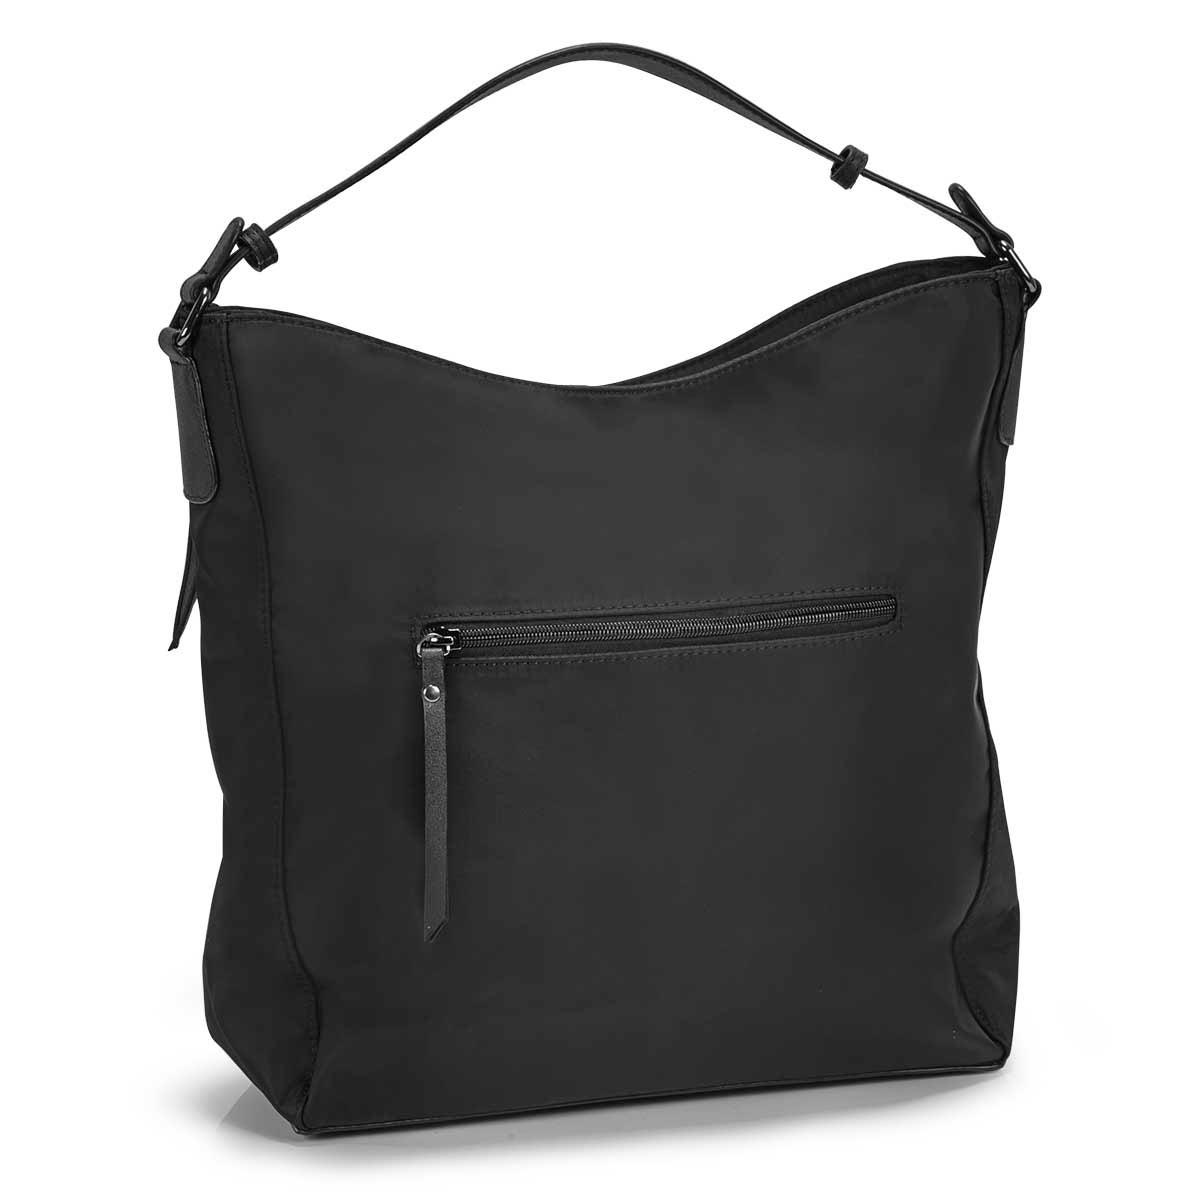 Lds Roots73blk vertical pockets hobo bag